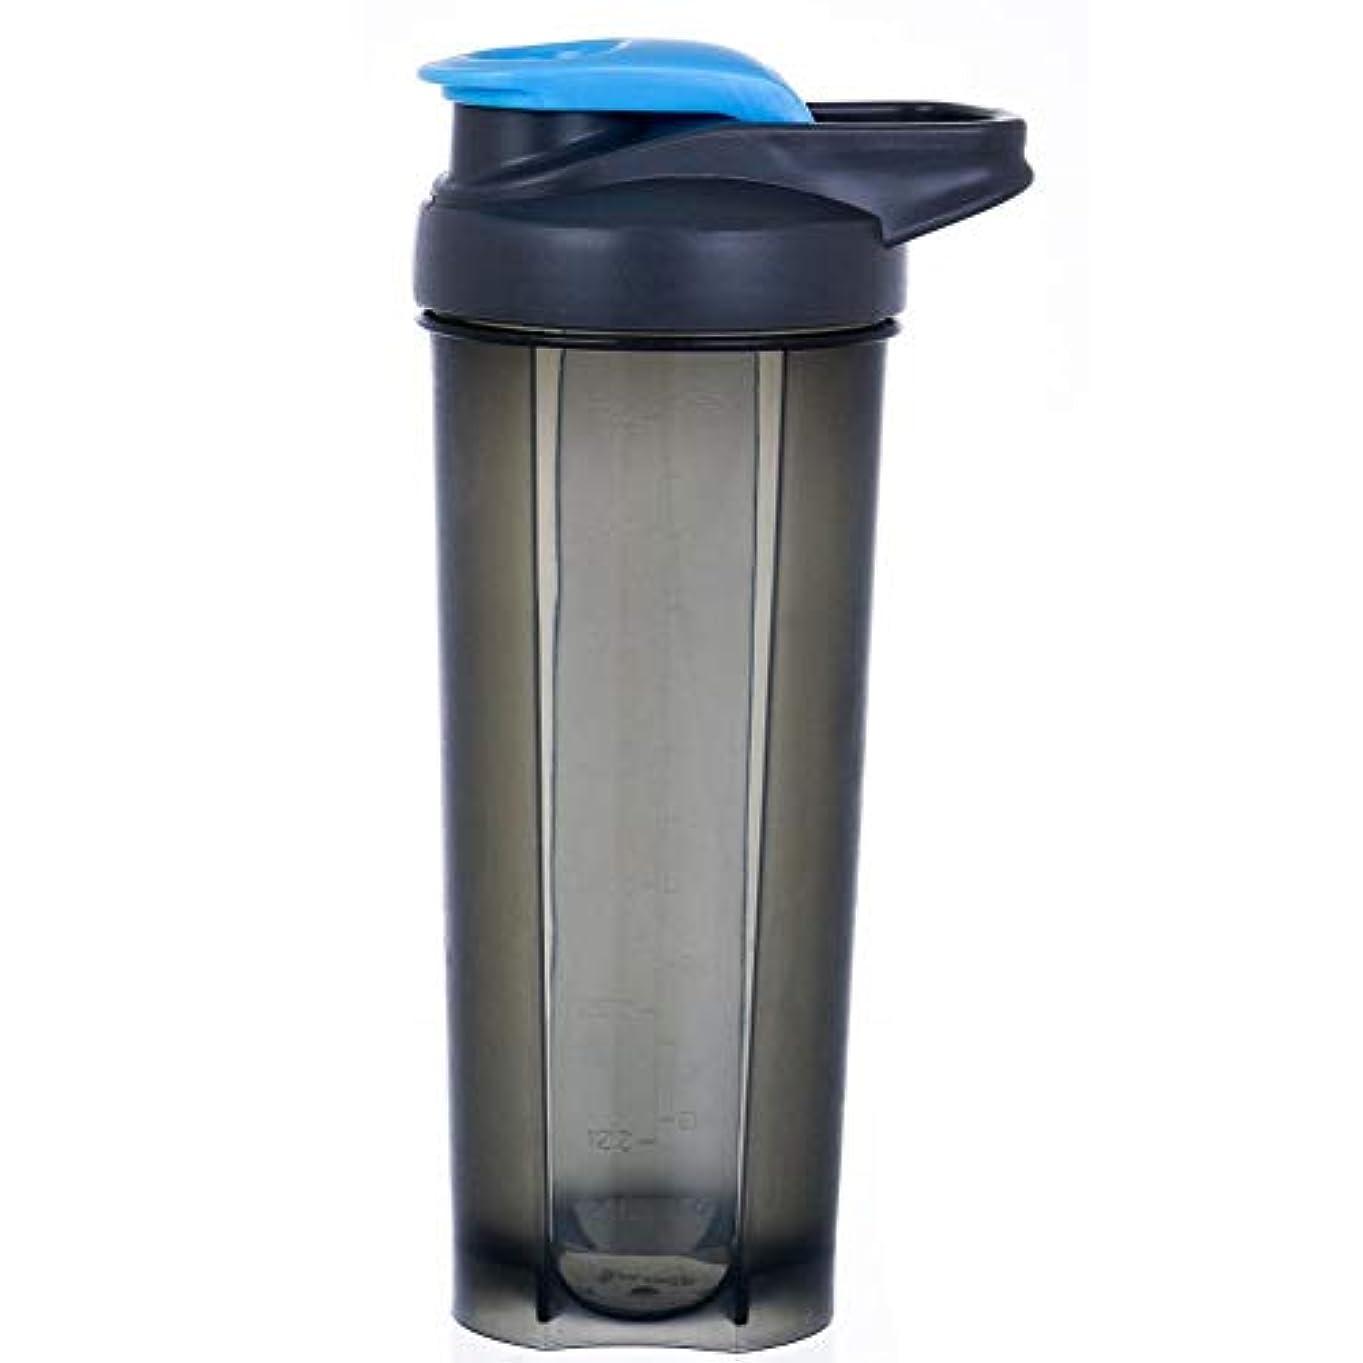 顕著ネスト抜粋ハンドル 蛋白質 粉 飲料 薬 混合の撹拌のびんが付いている 水差しの振動のコップ